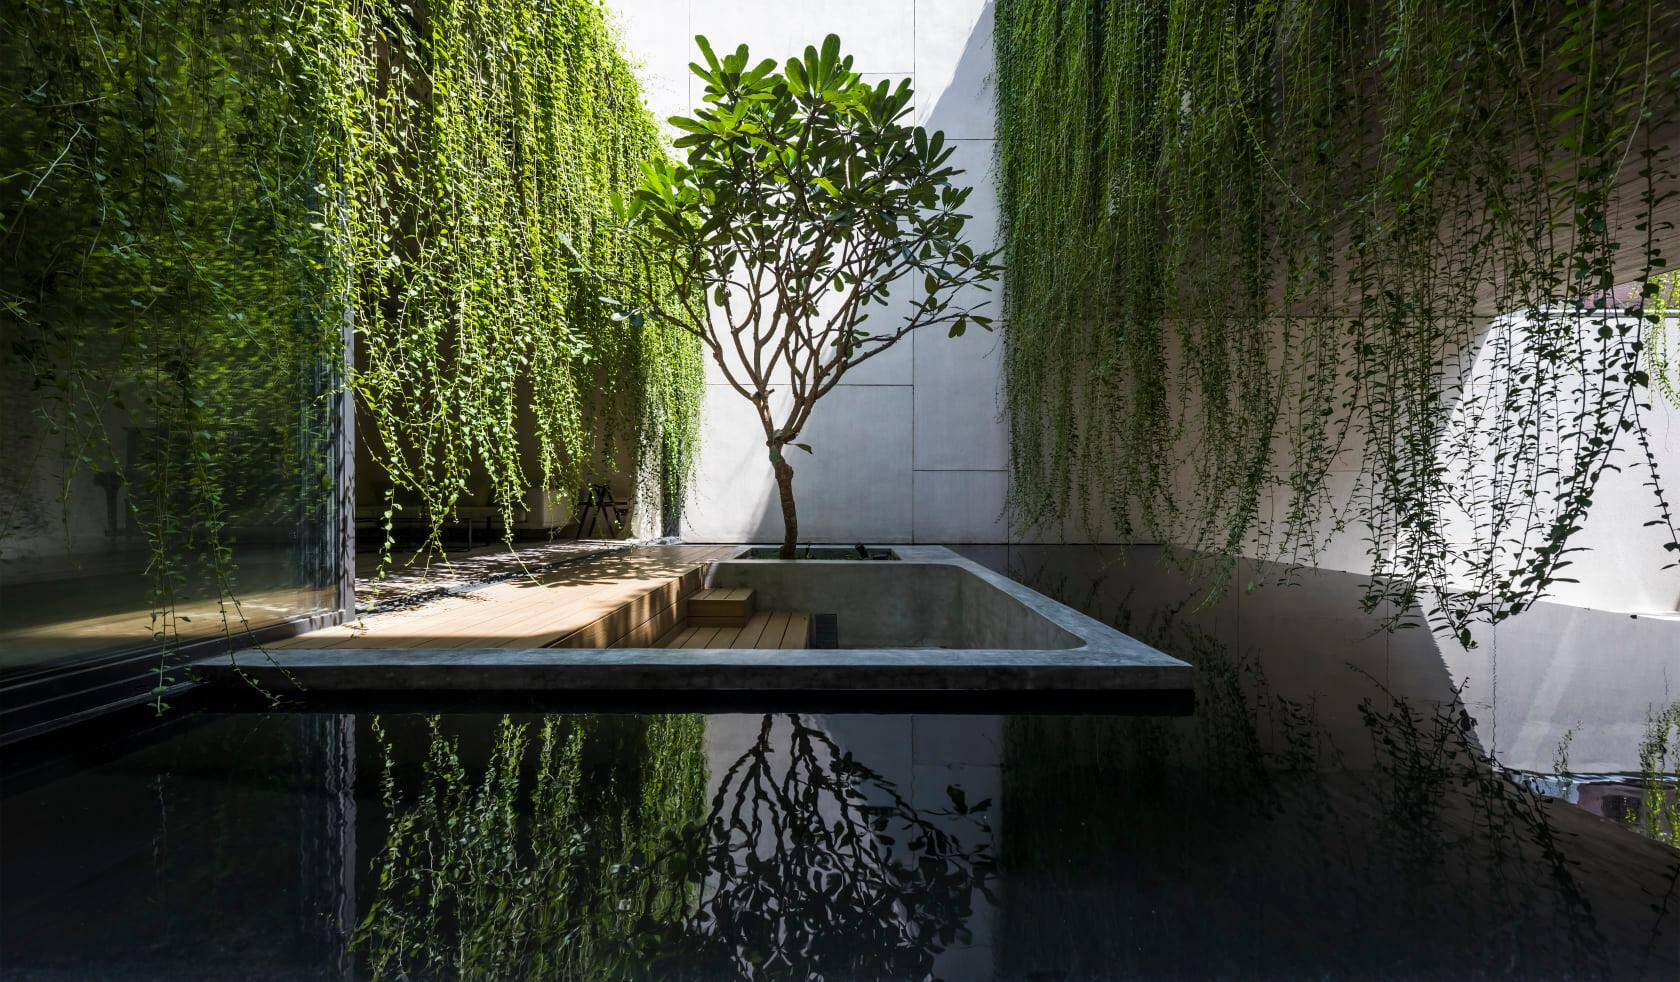 Cây xanh và mặt nước hòa quyện với nhau, mang đến một không gian yên ả, trong lành